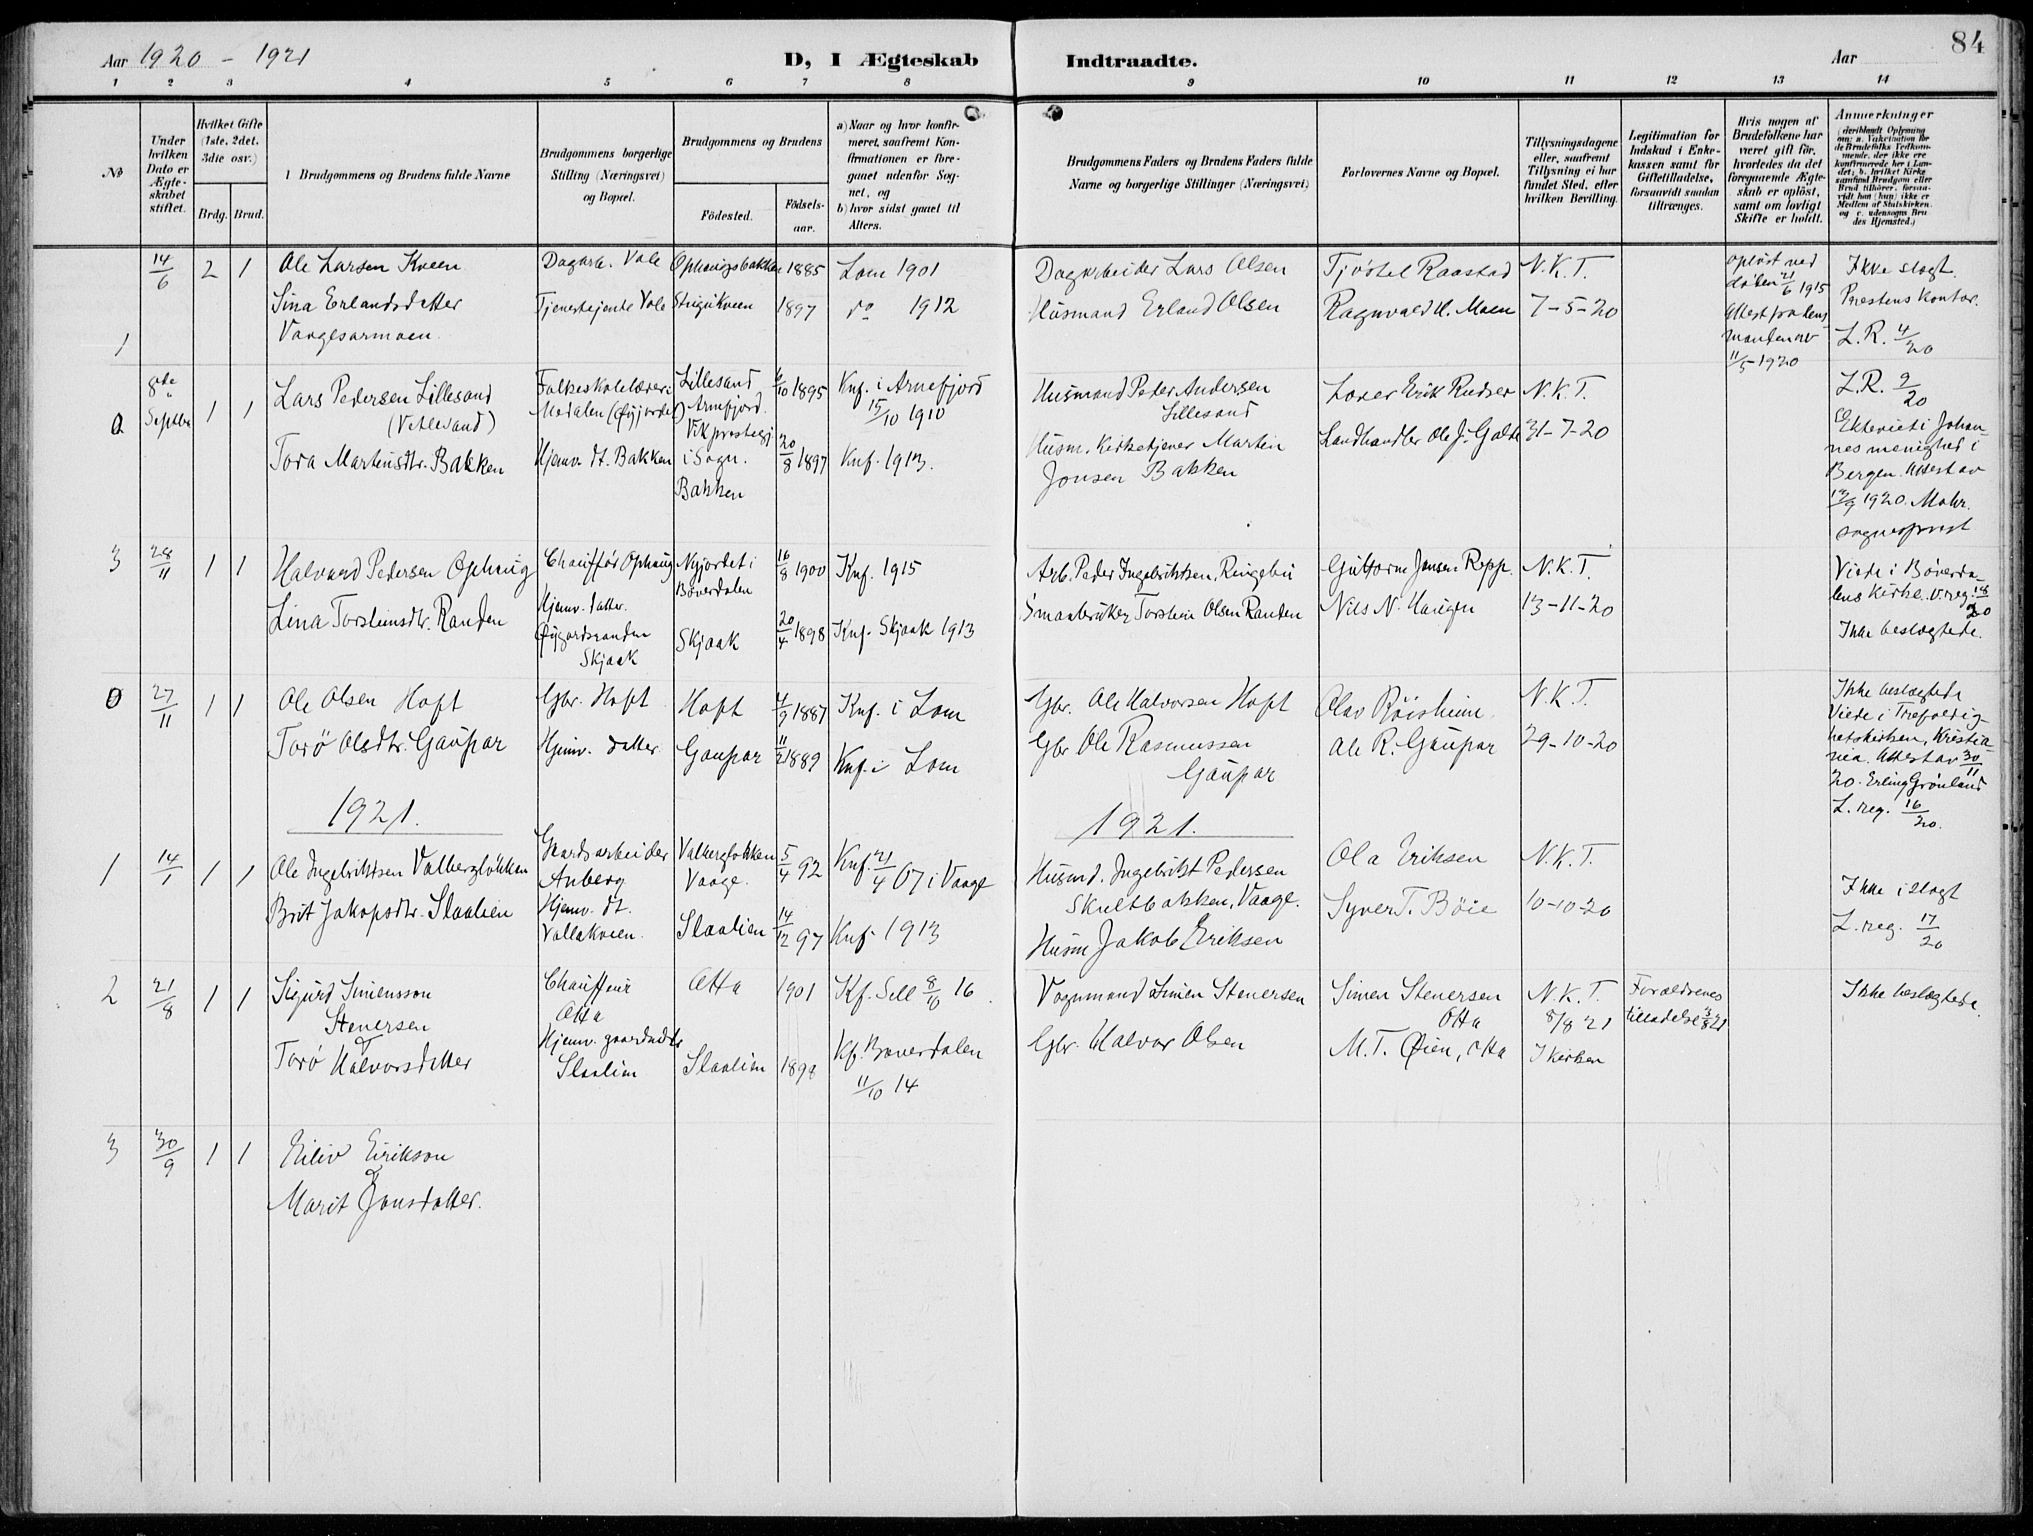 SAH, Lom prestekontor, L/L0007: Klokkerbok nr. 7, 1904-1938, s. 84